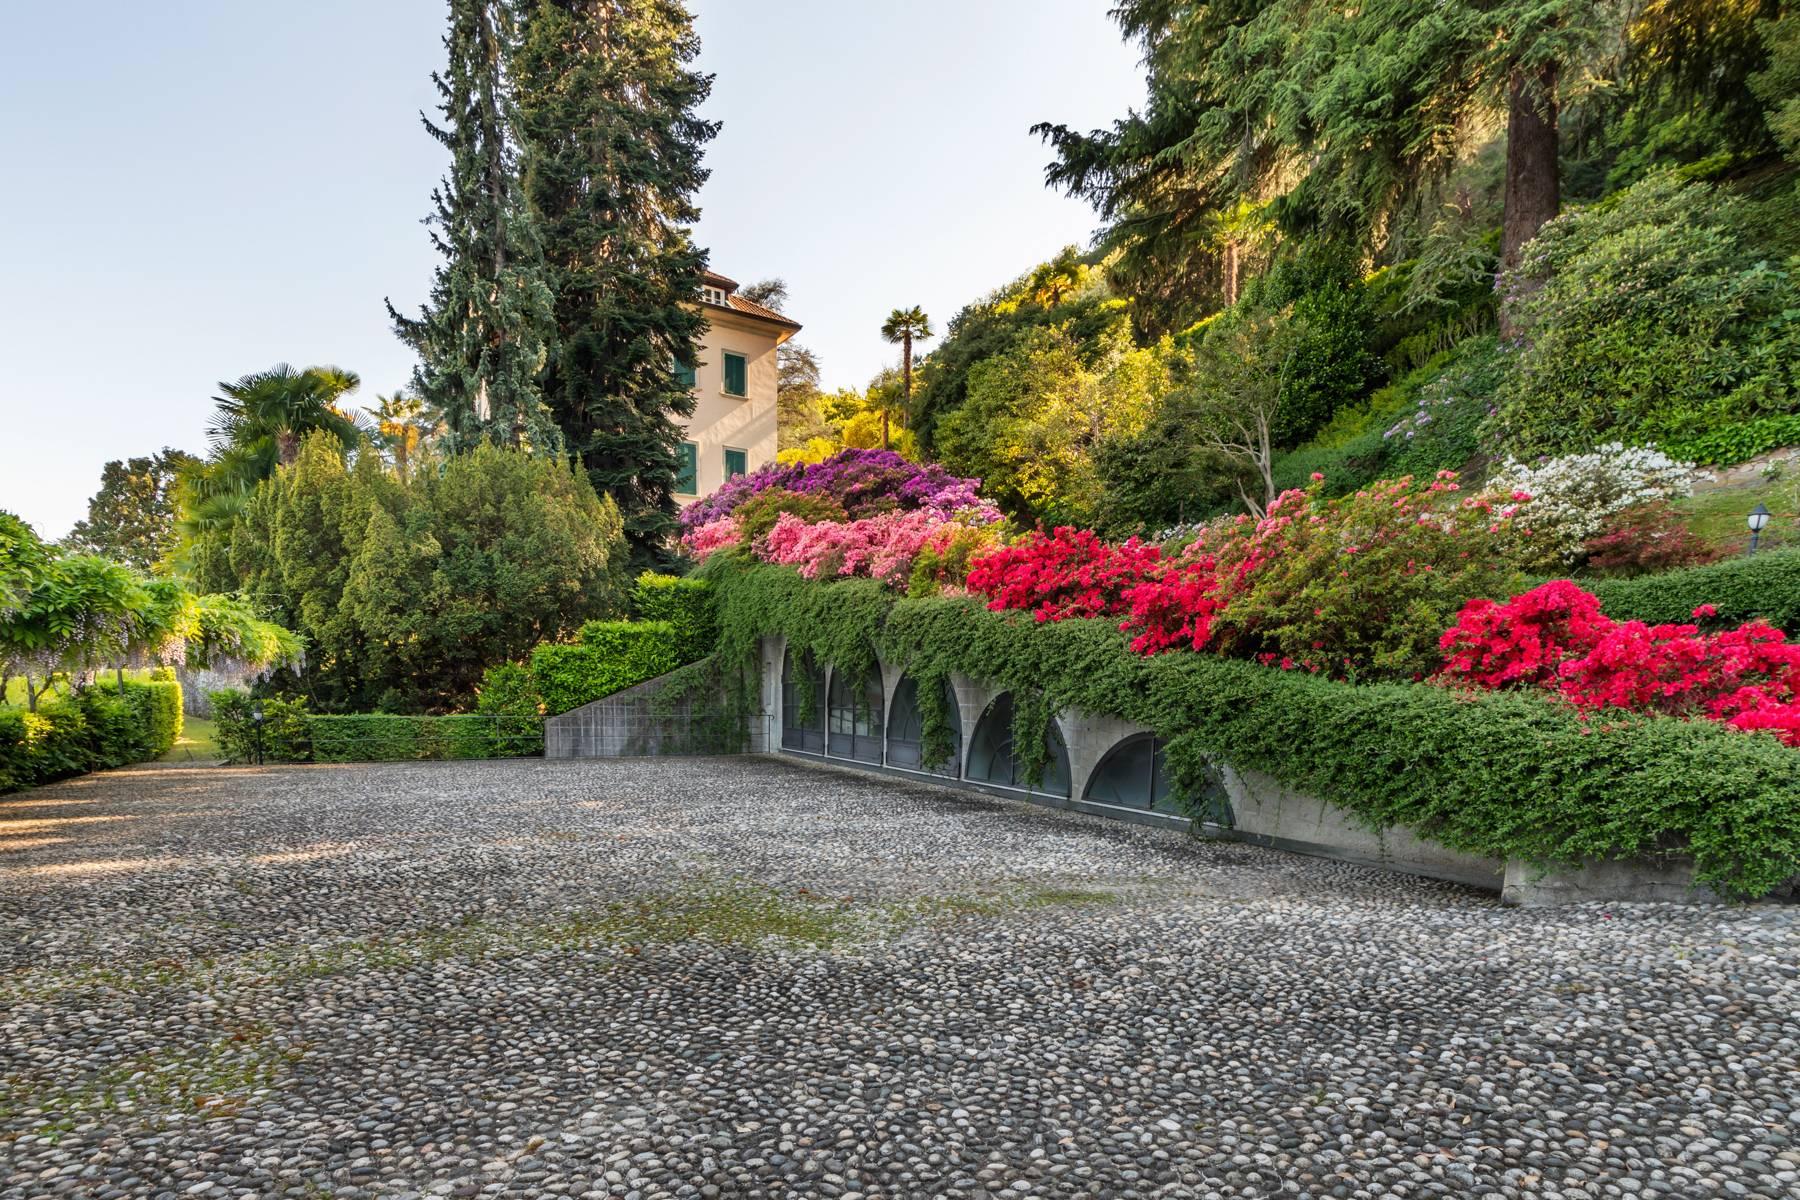 Villa in Vendita a Meina: 5 locali, 250 mq - Foto 6